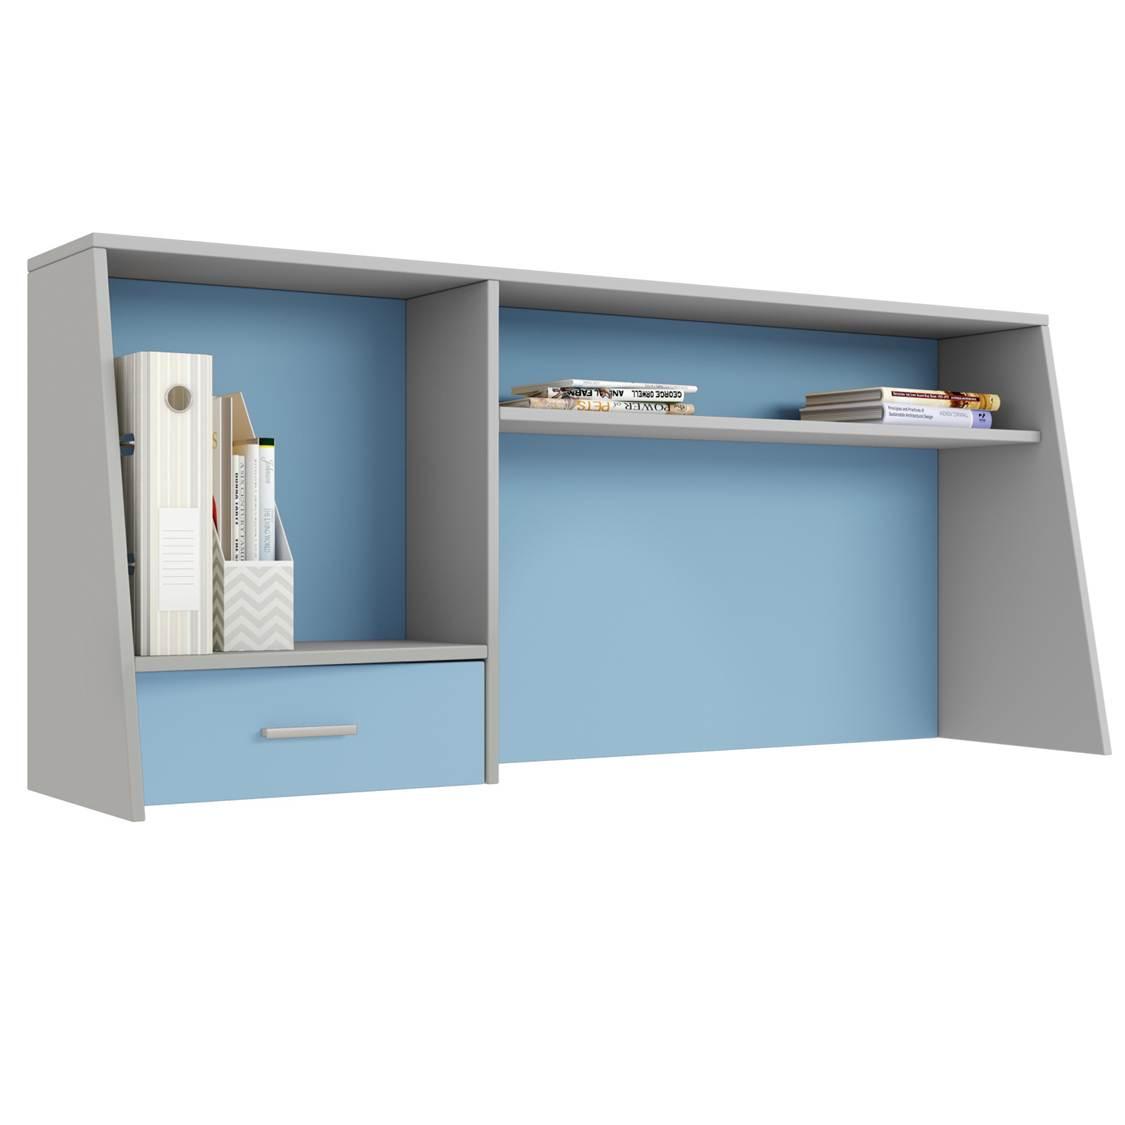 Надстройка для cтола Polini kids Aviv 1450 с ящиком и полкой, серый/голубой